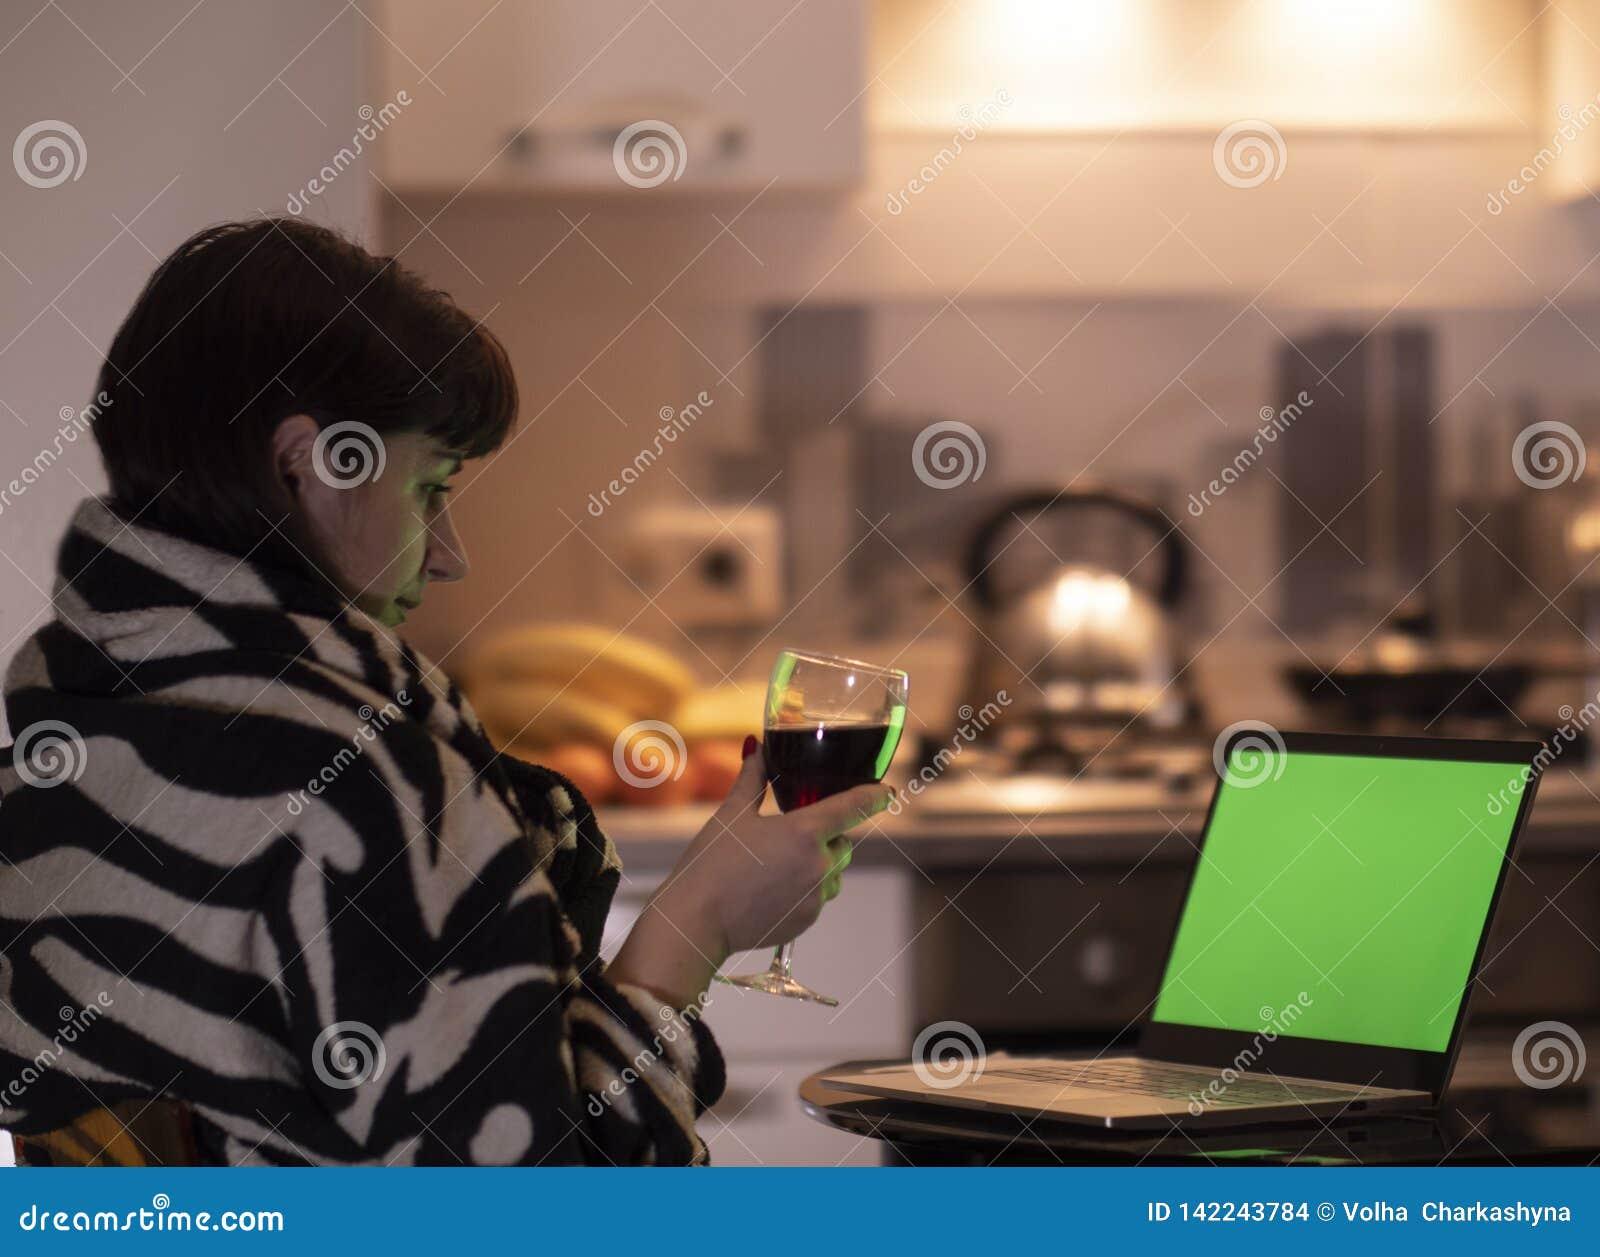 La mujer morena joven sostiene un vidrio de alcohol en su mano y miradas en la pantalla de un monitor del ordenador portátil, chr